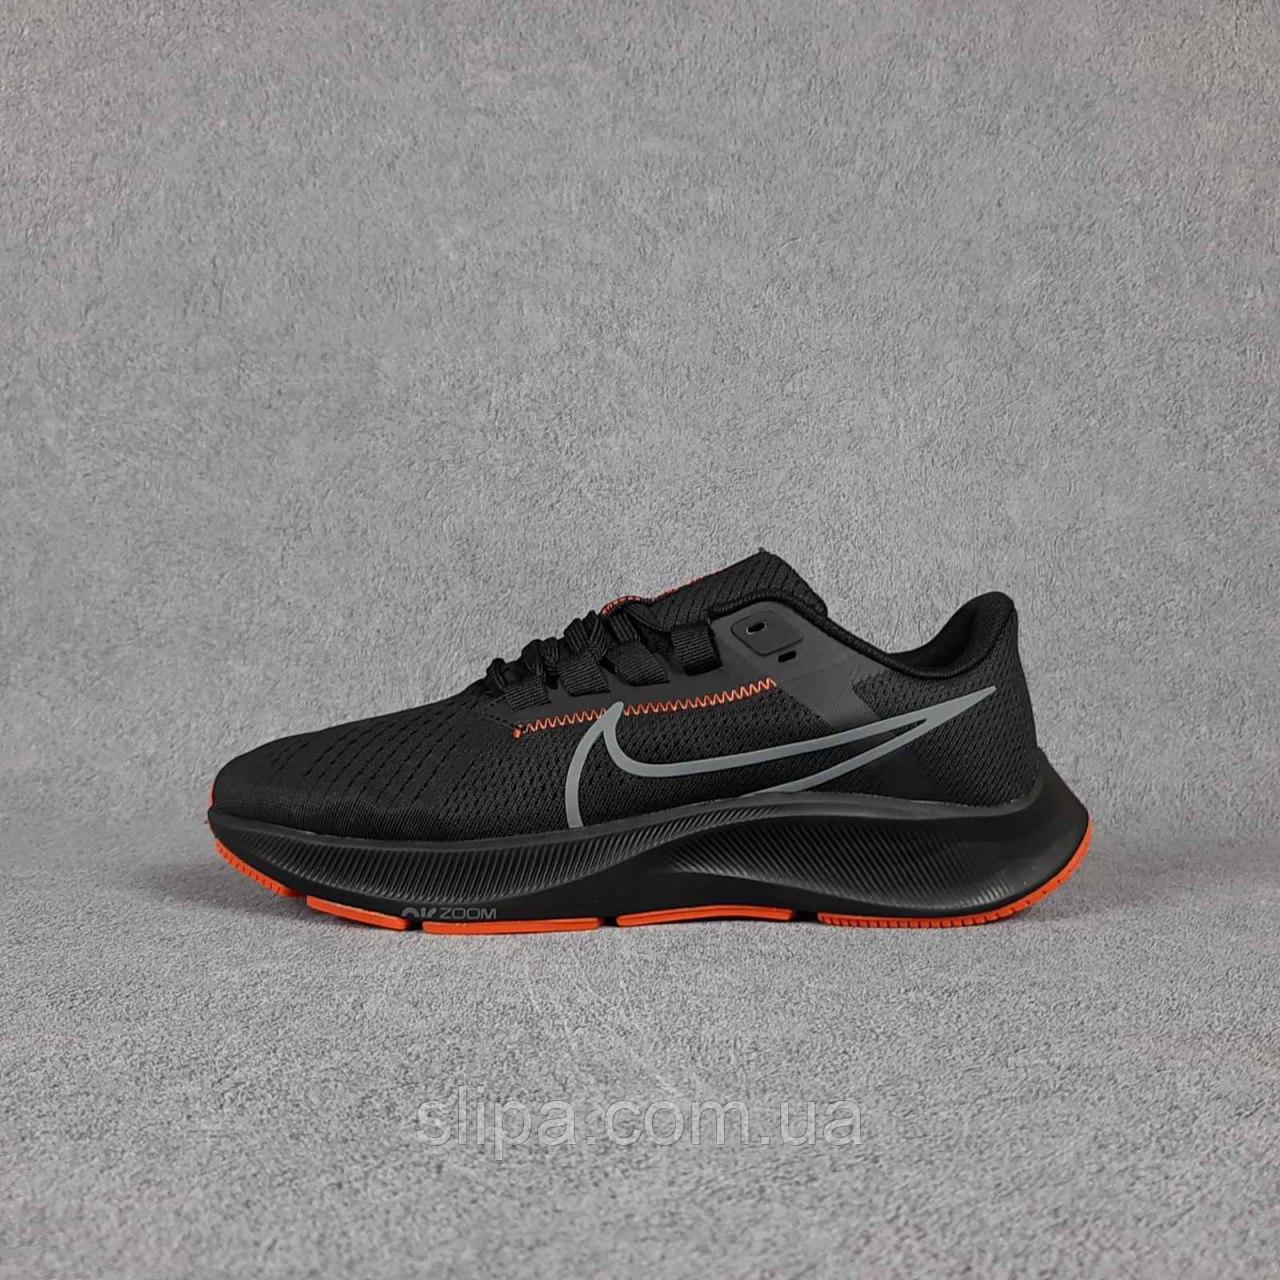 Чёрные мужские текстильные кроссовки Nike на чёрной подошве | Вьетнам | текстиль + пена